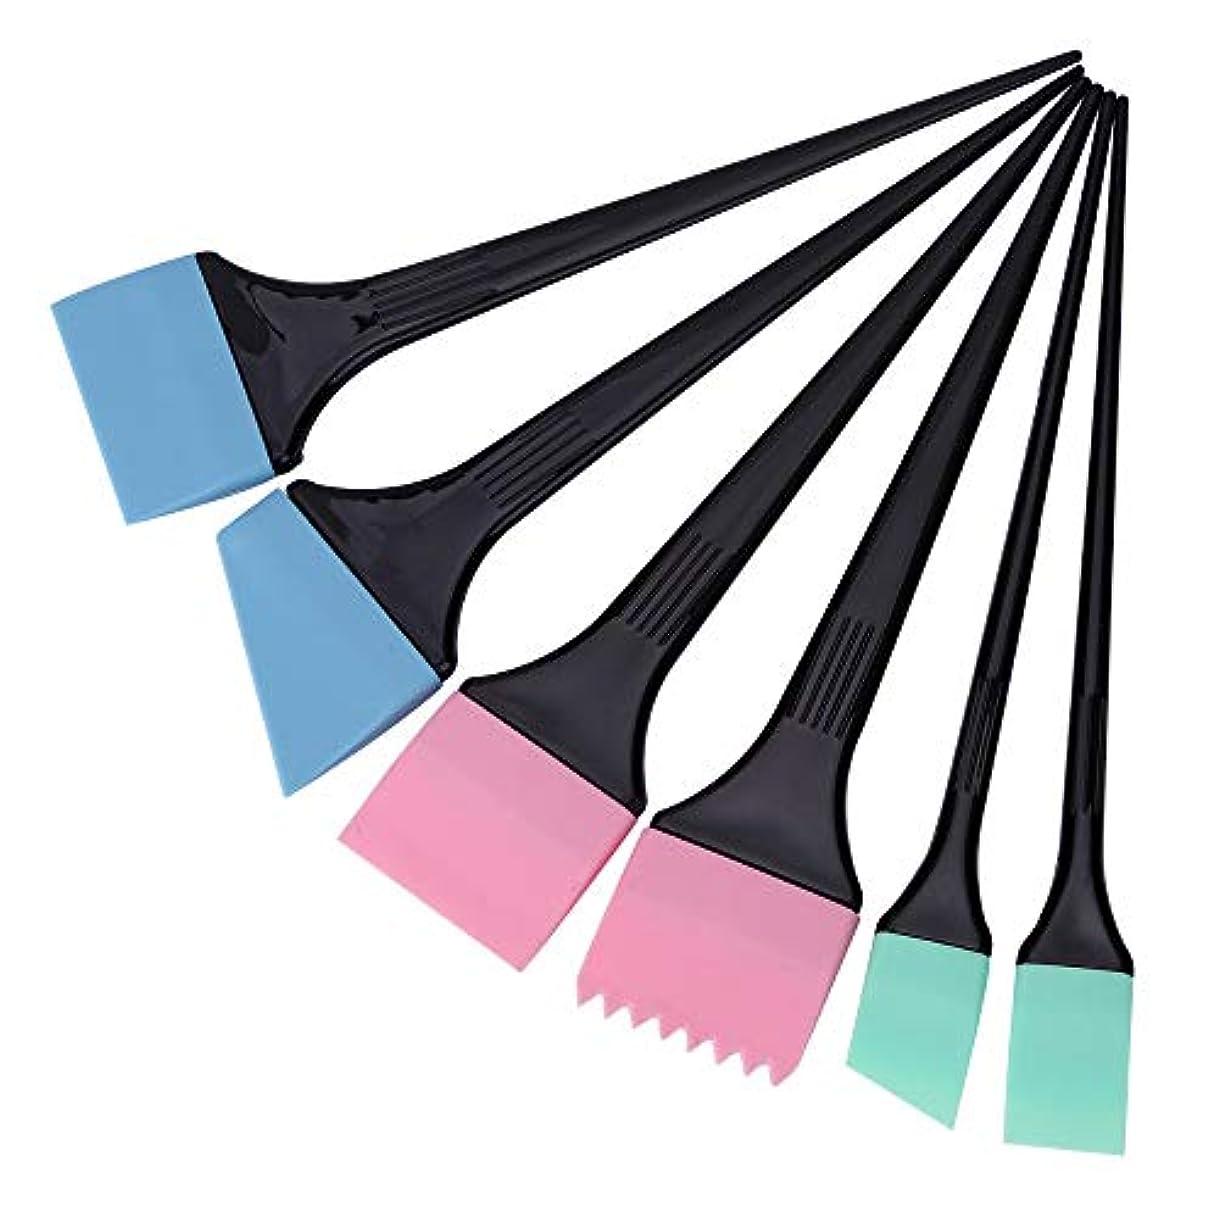 みなさん雇った優越ヘアダイコーム&ブラシ 毛染めブラシ 6本/セット 着色櫛キット プロサロン 理髪スタイリングツール へアカラーセット グリーン